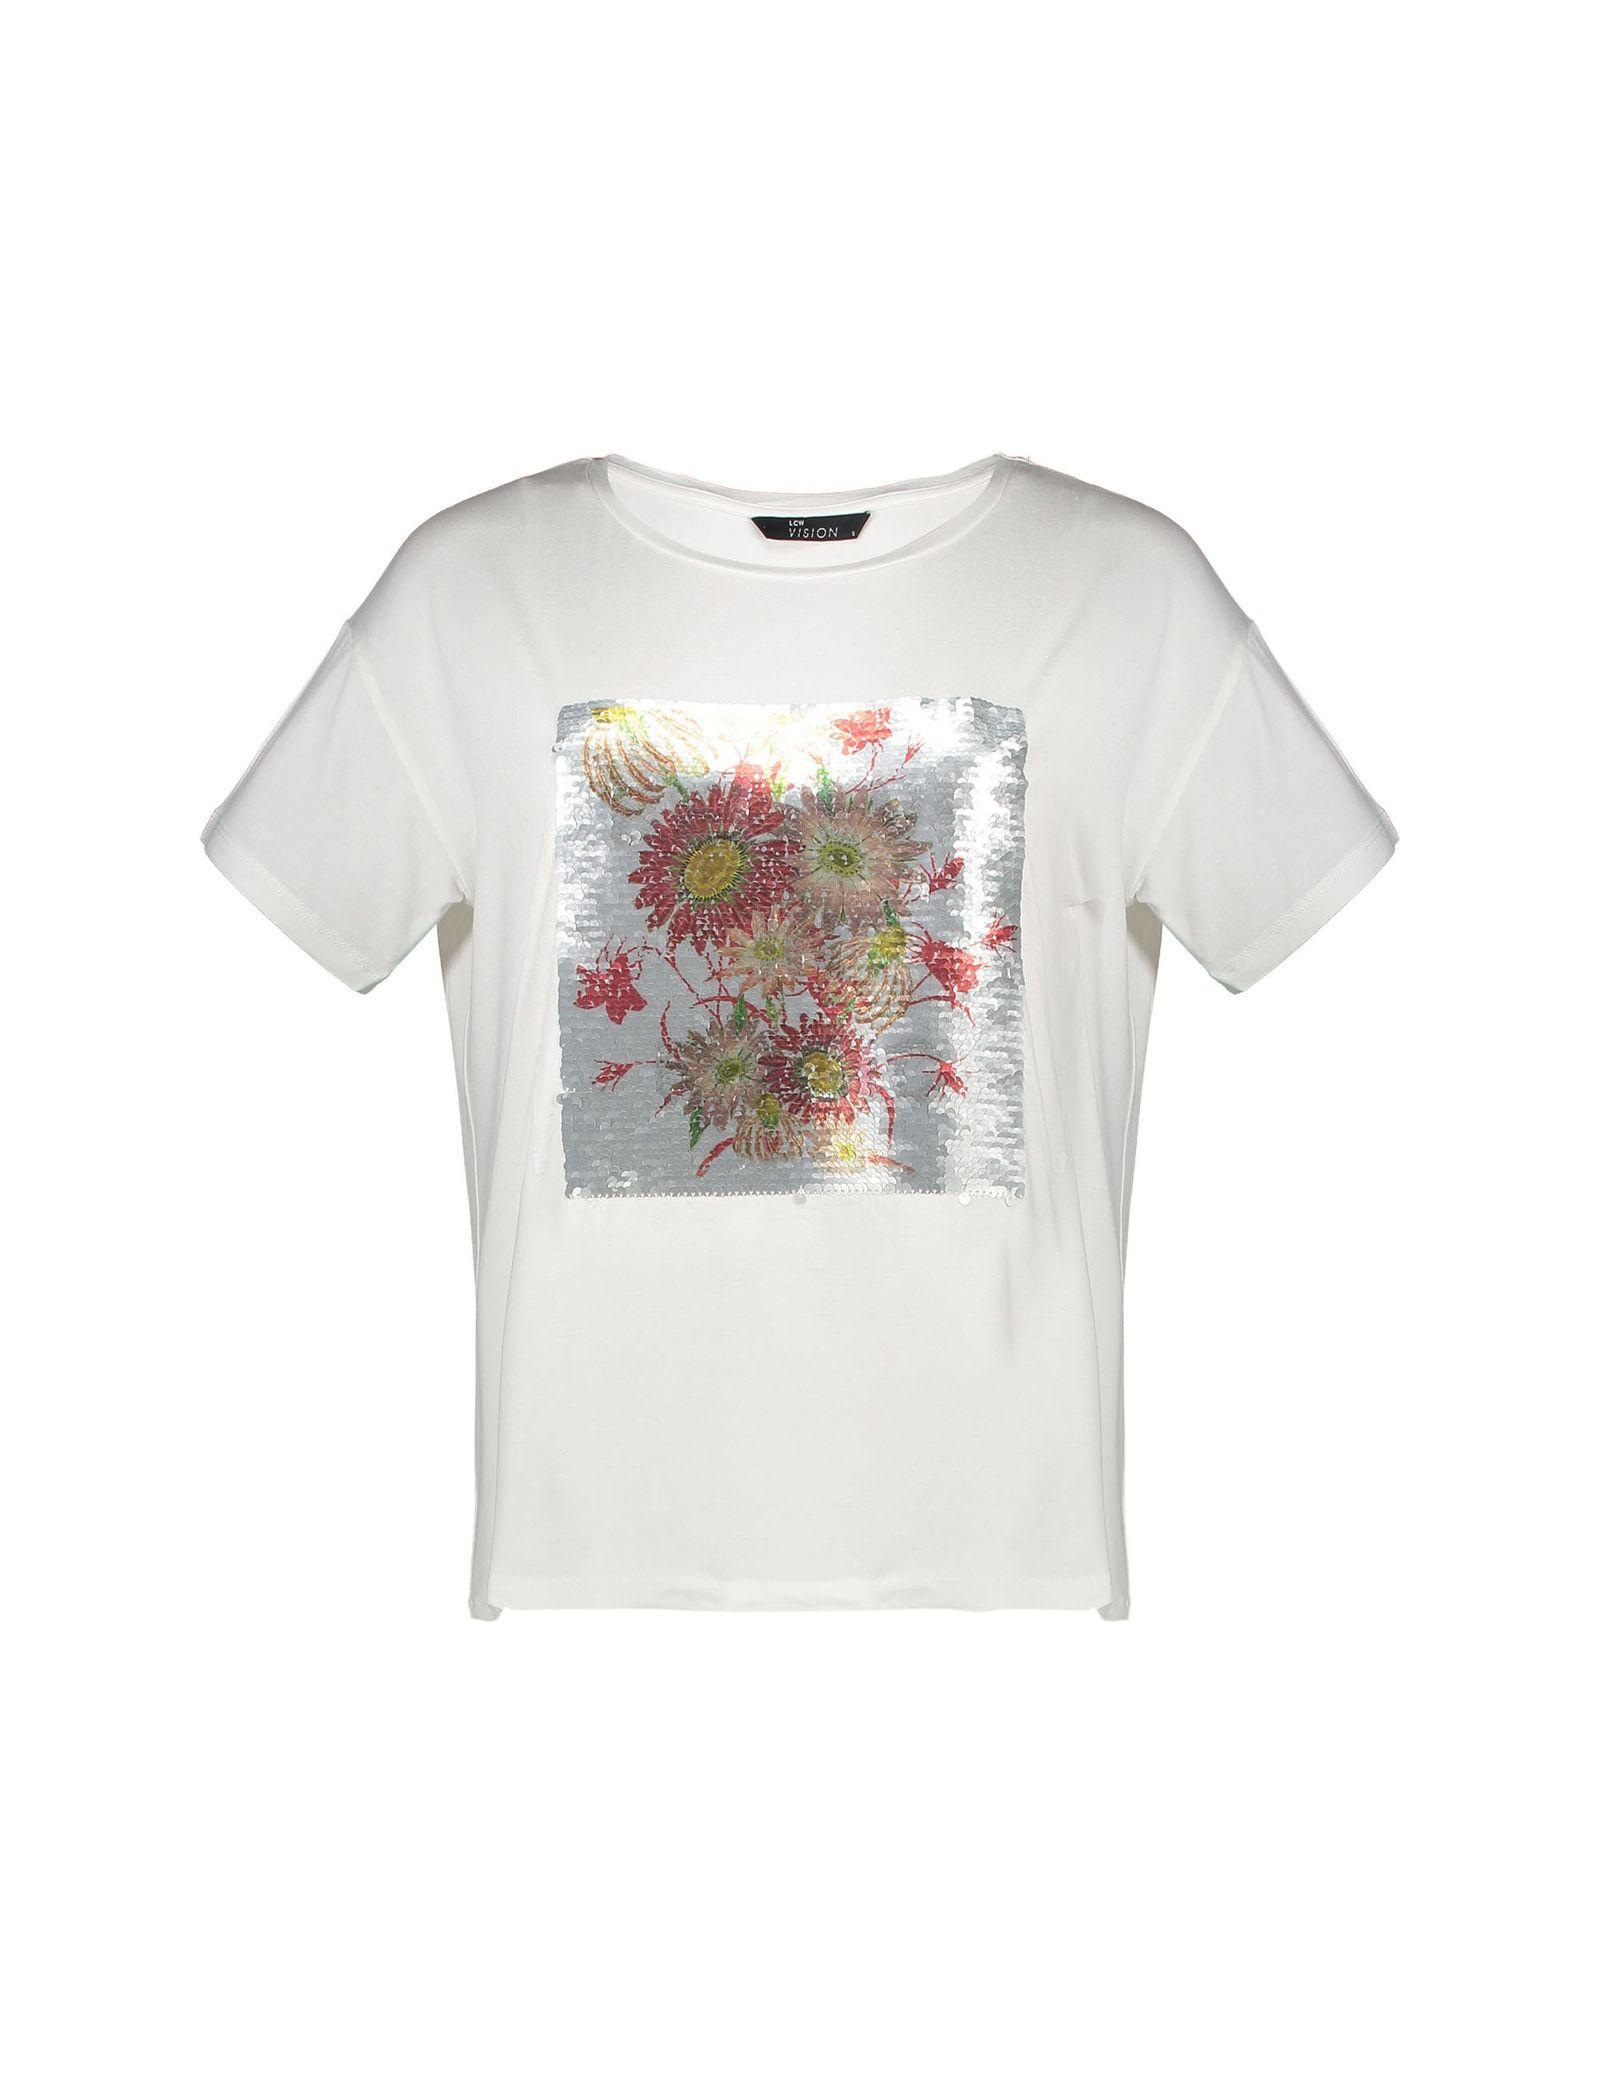 تی شرت ویسکوز یقه گرد زنانه - ال سی وایکیکی - سفيد - 4